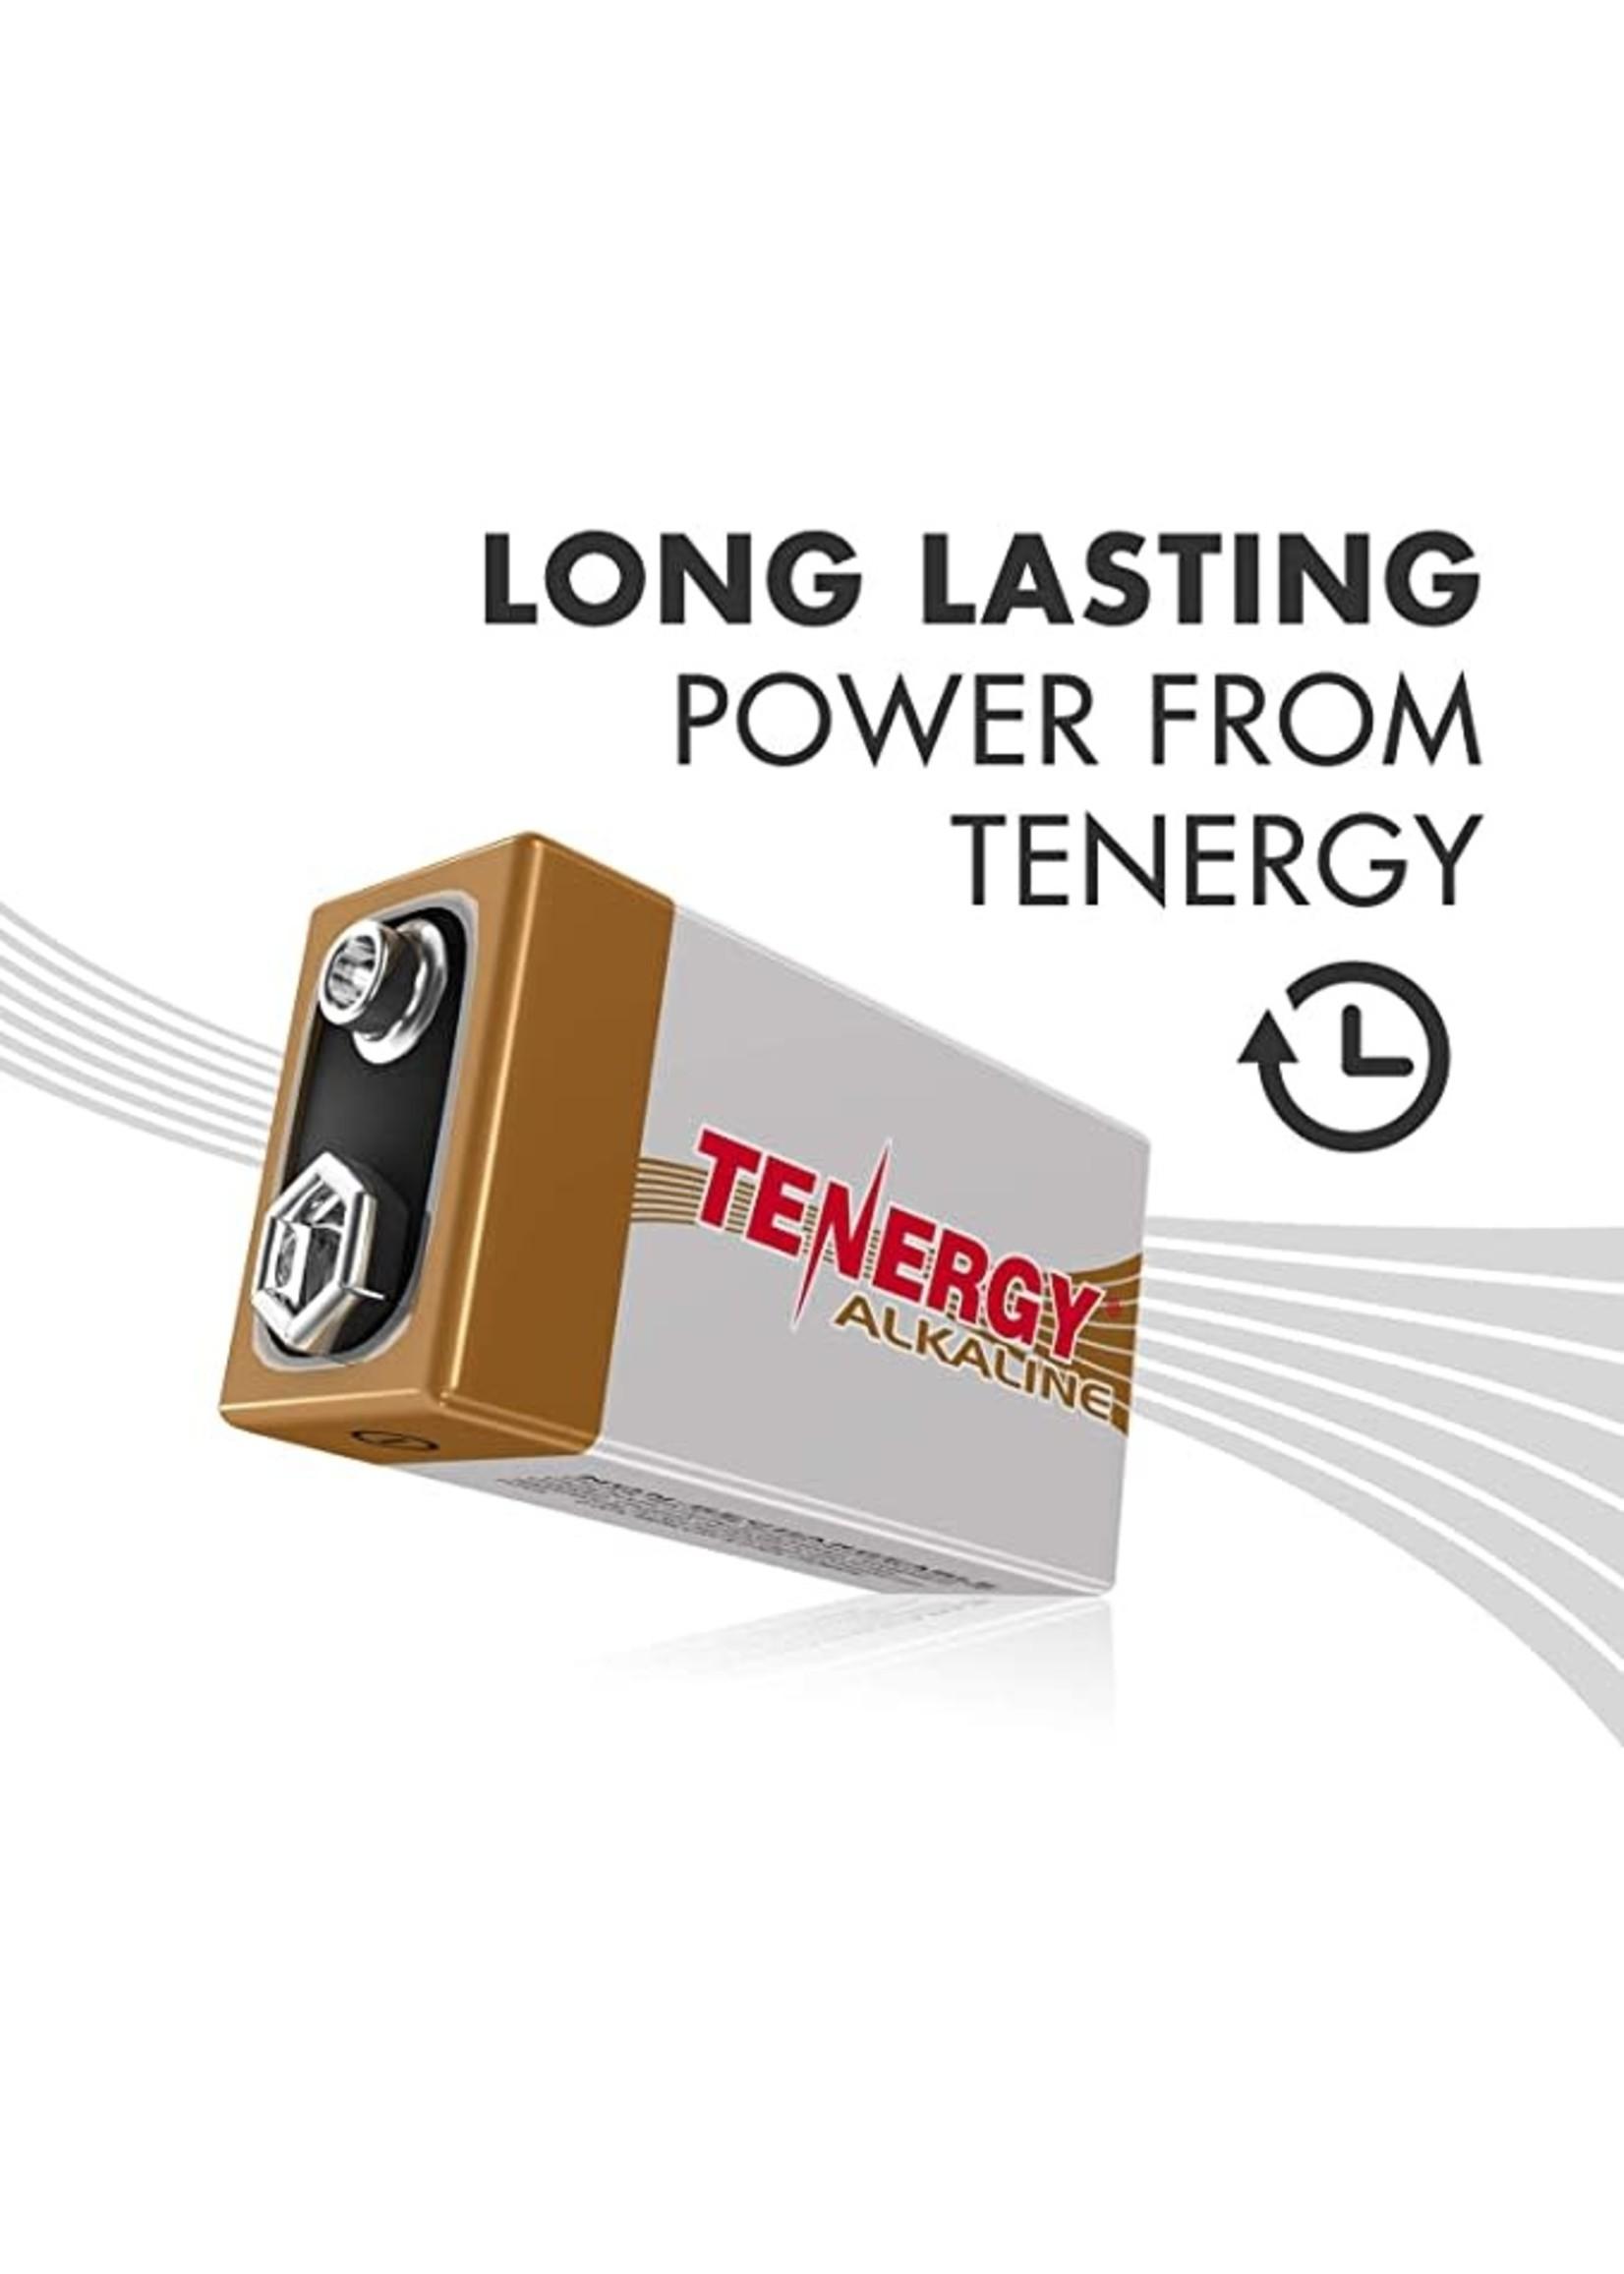 TENERGY 9V BATTERY TENERGY